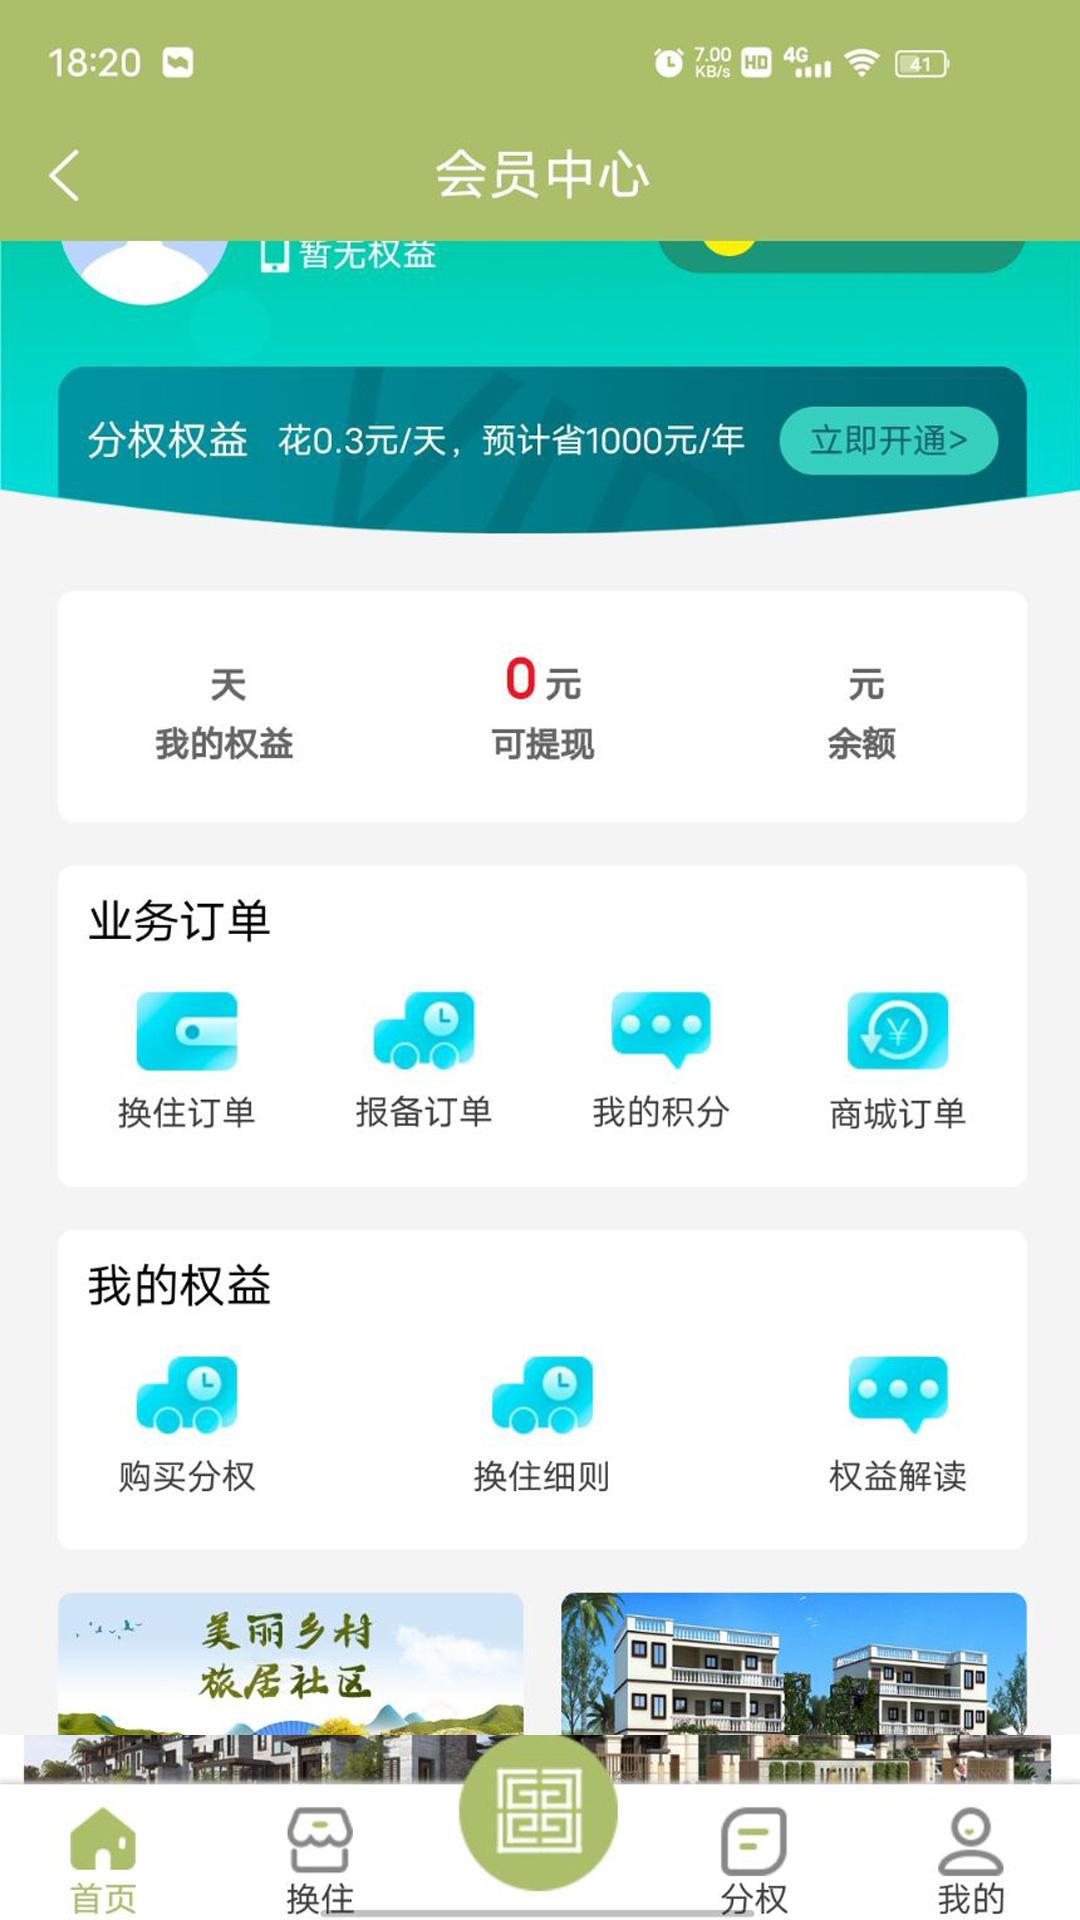 黎歌民墅appv1.1.5 最新版